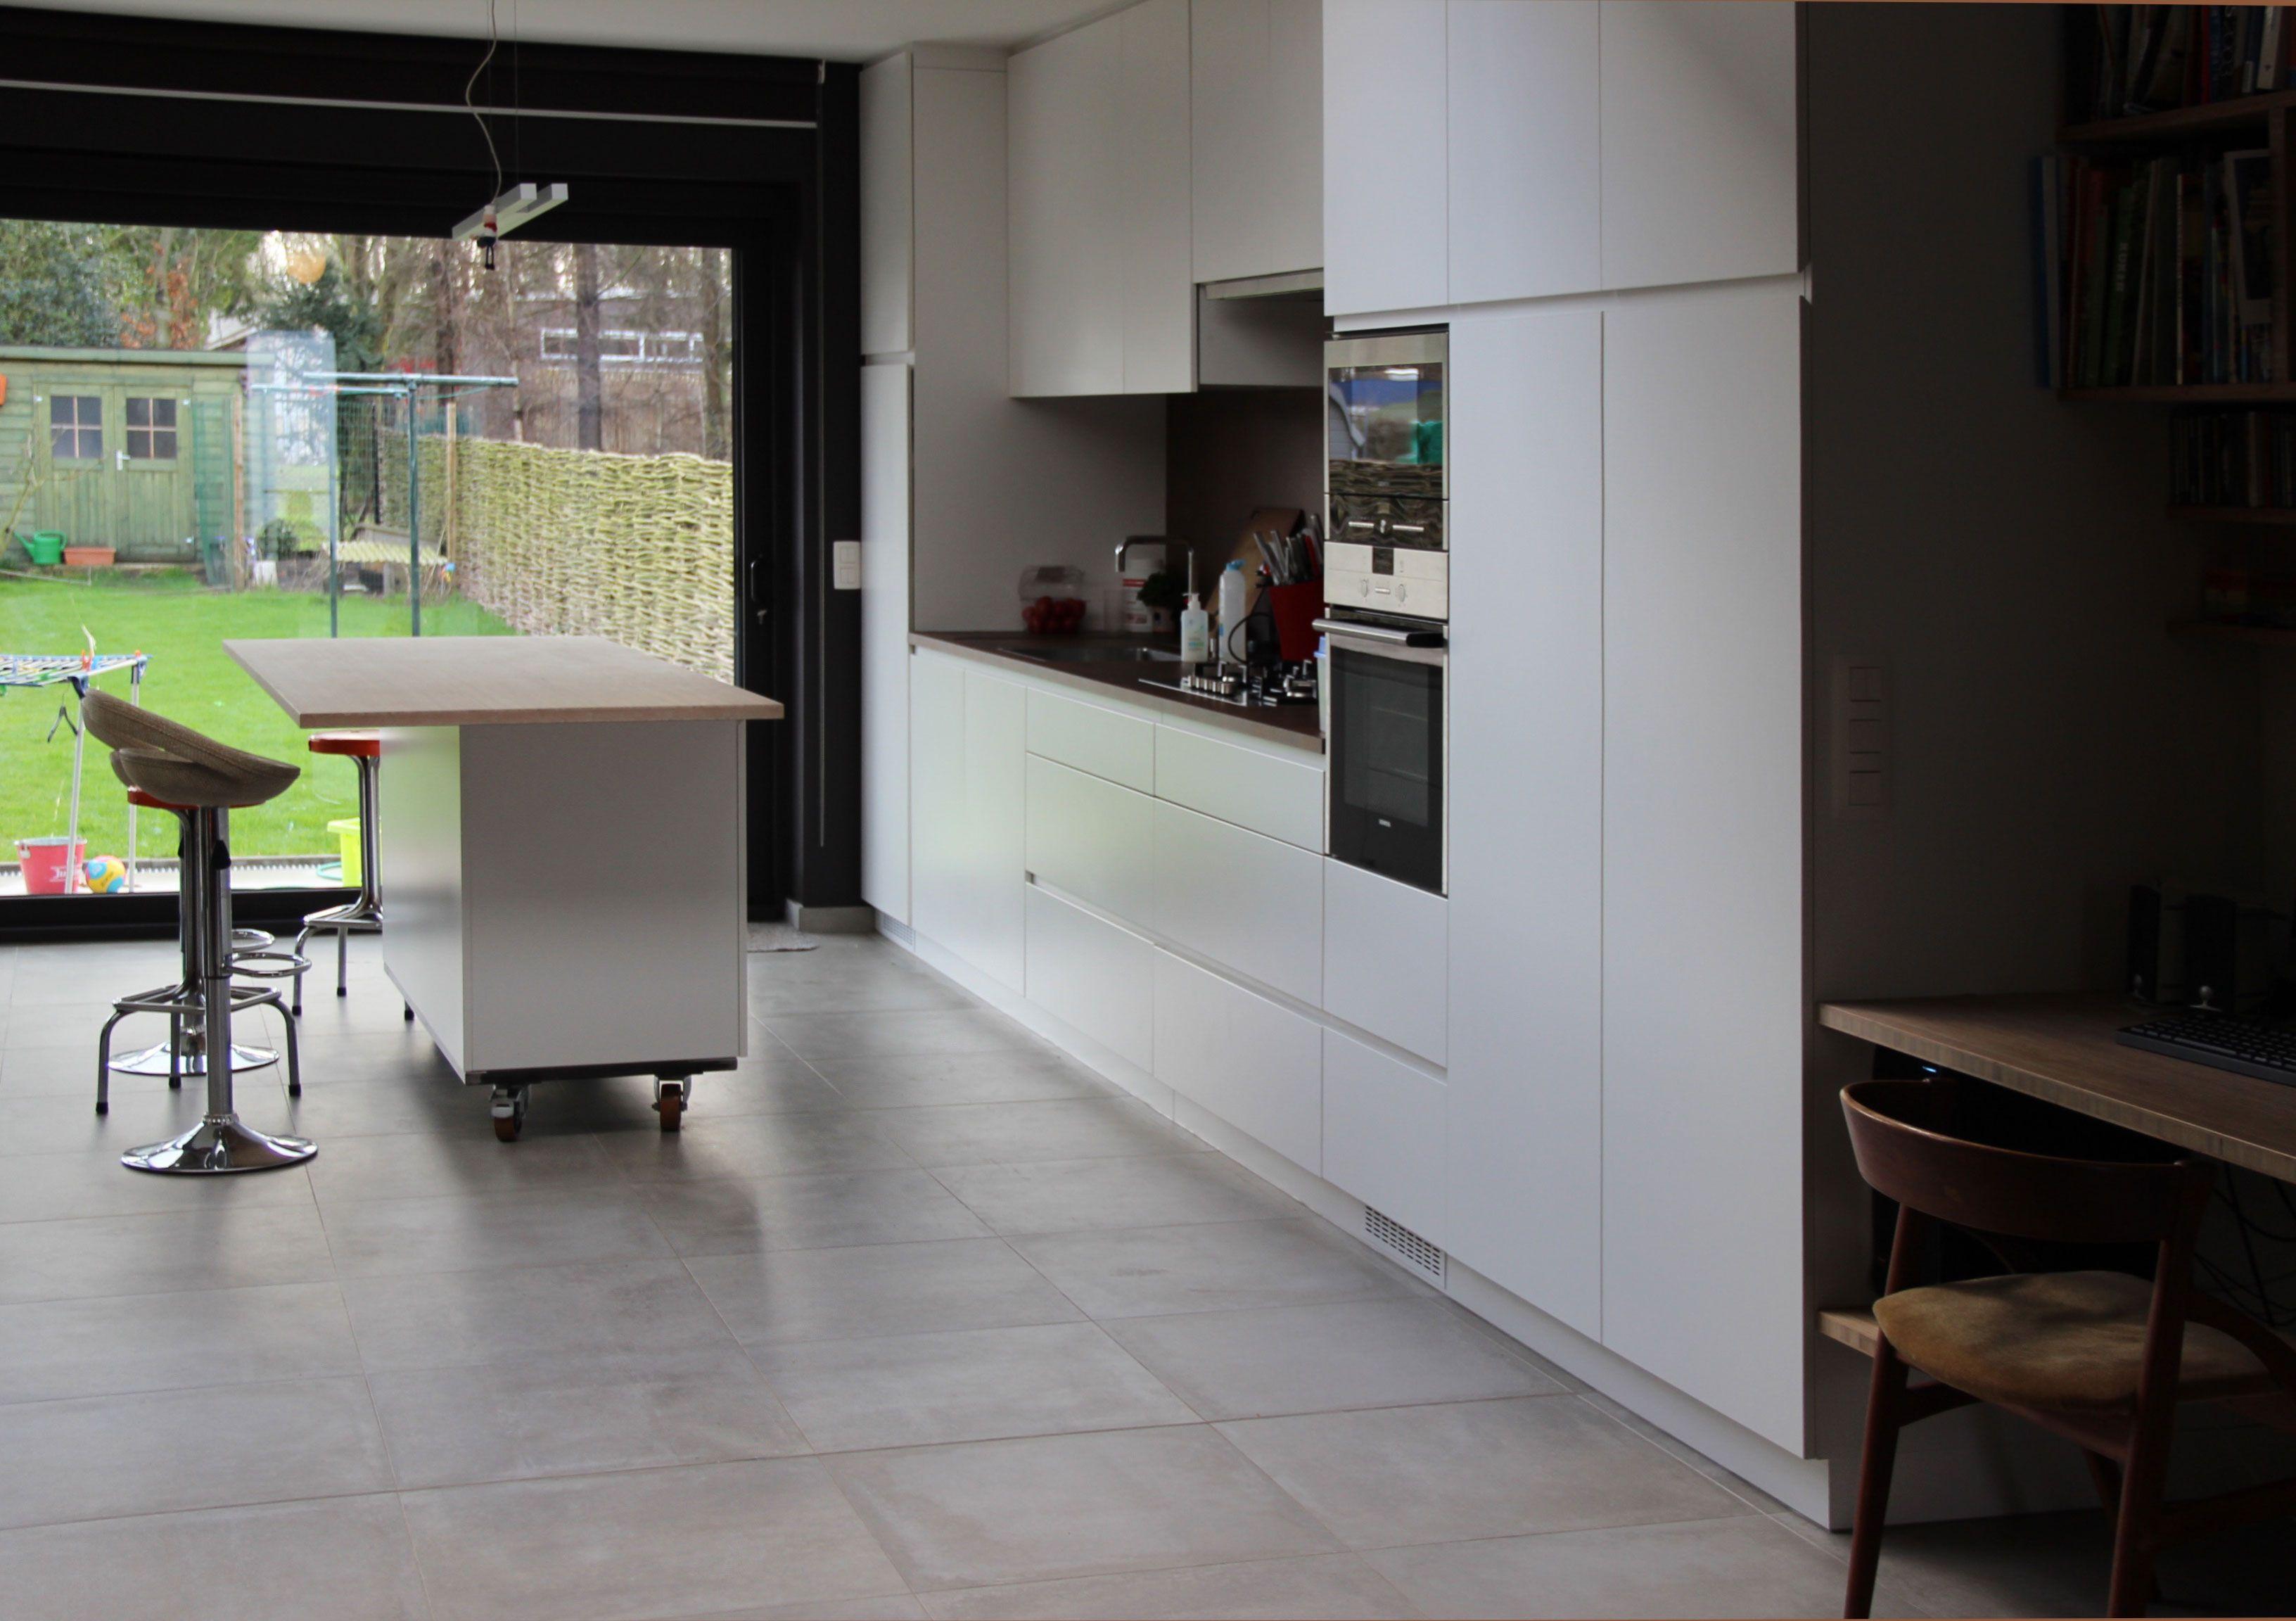 Keukenblok op wieltjes wandmeubel van keuken tot terras living